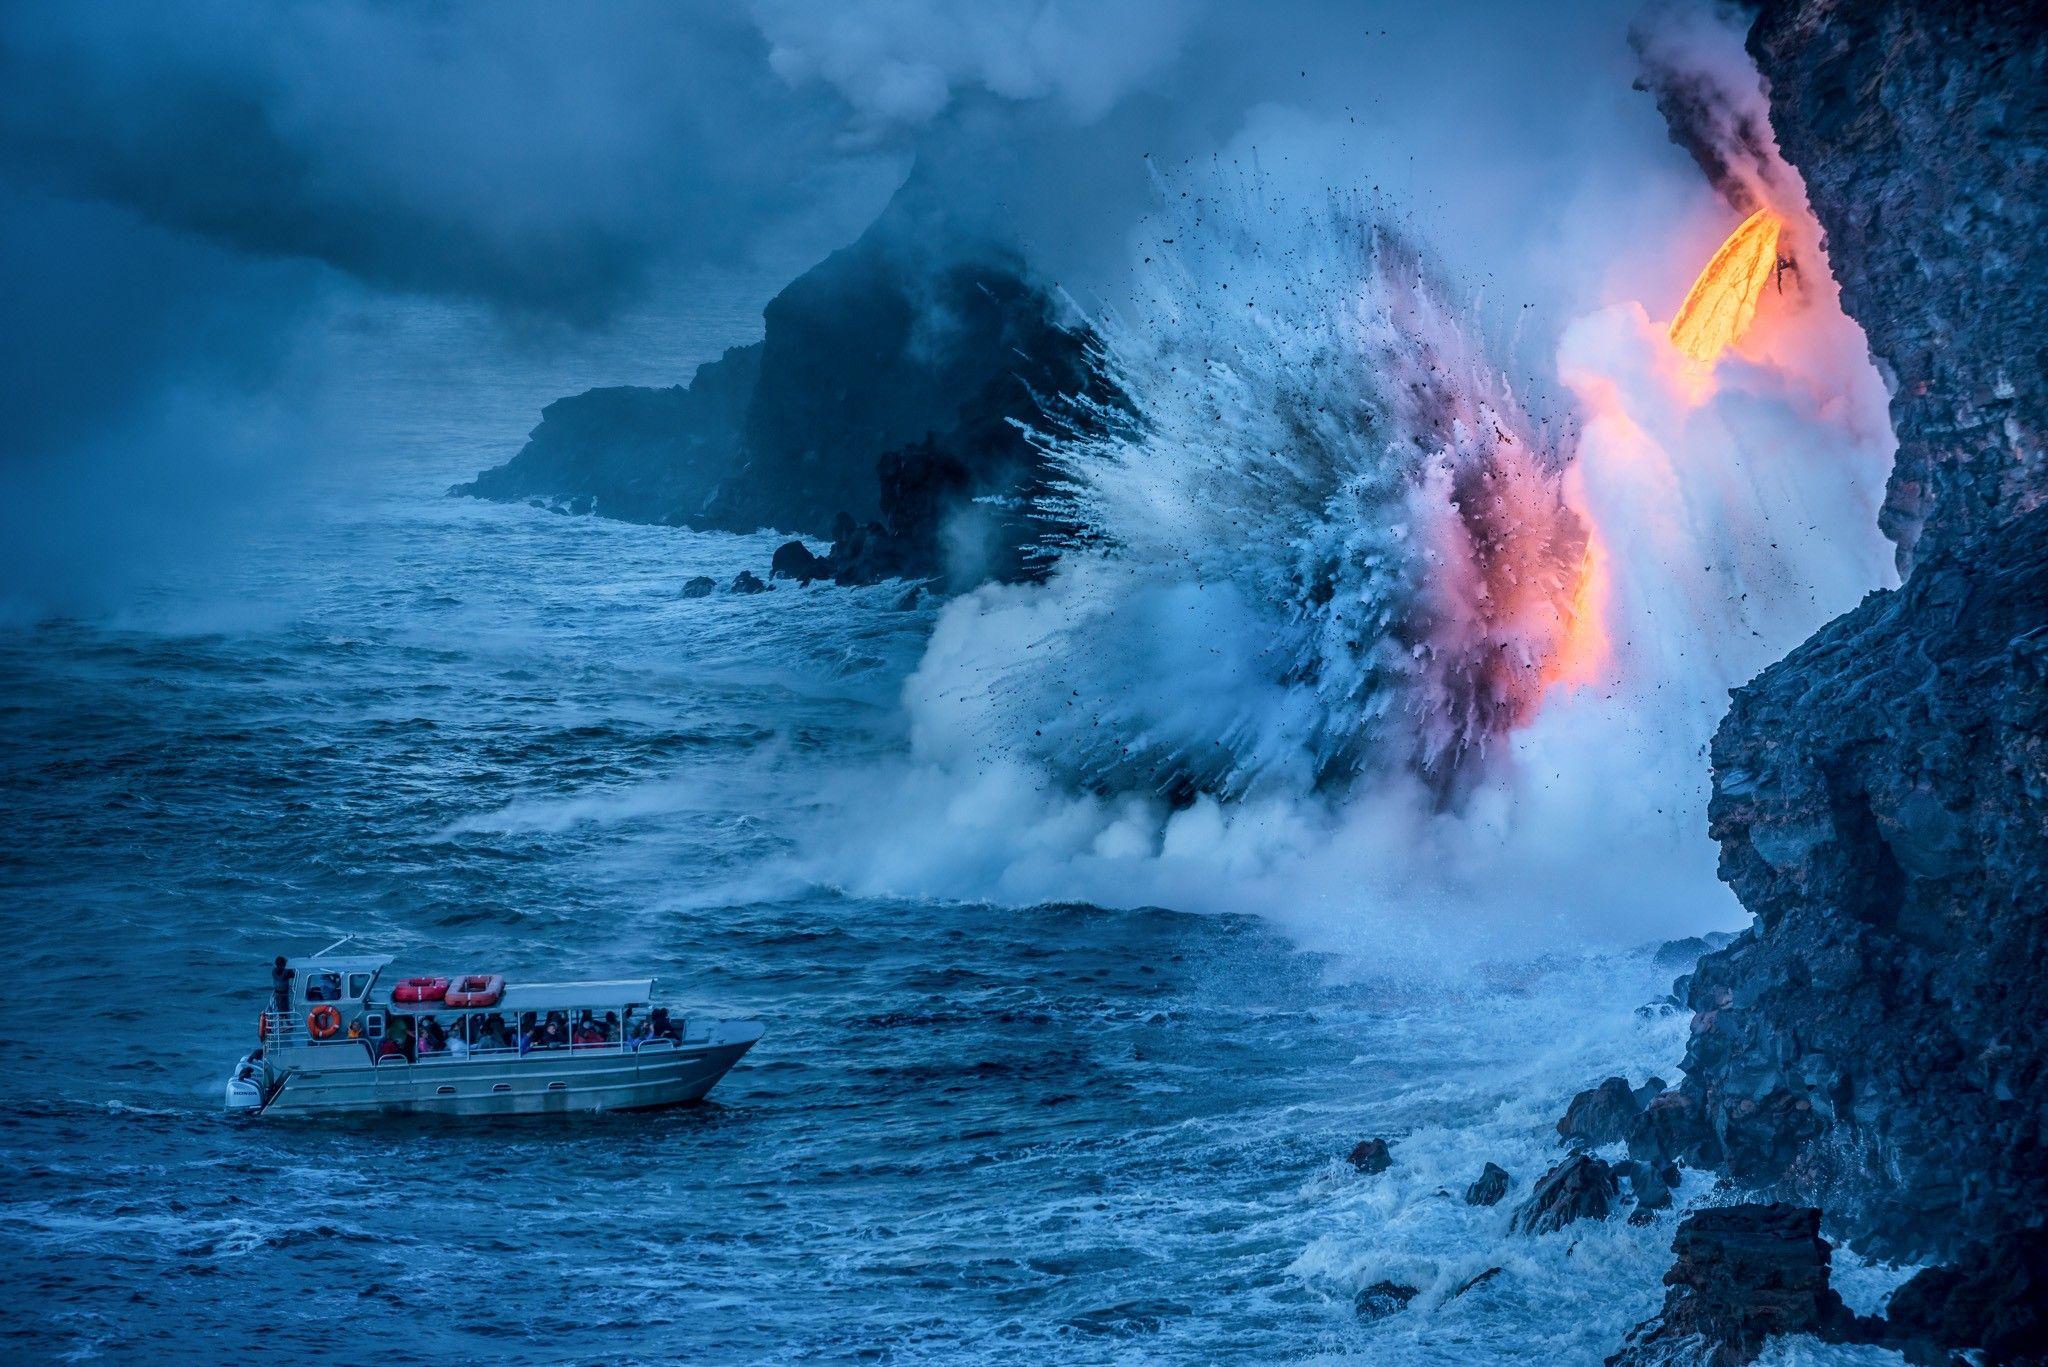 Tout ce qu'il faut savoir sur le parc national des volcans d'Hawaï | National Geographic